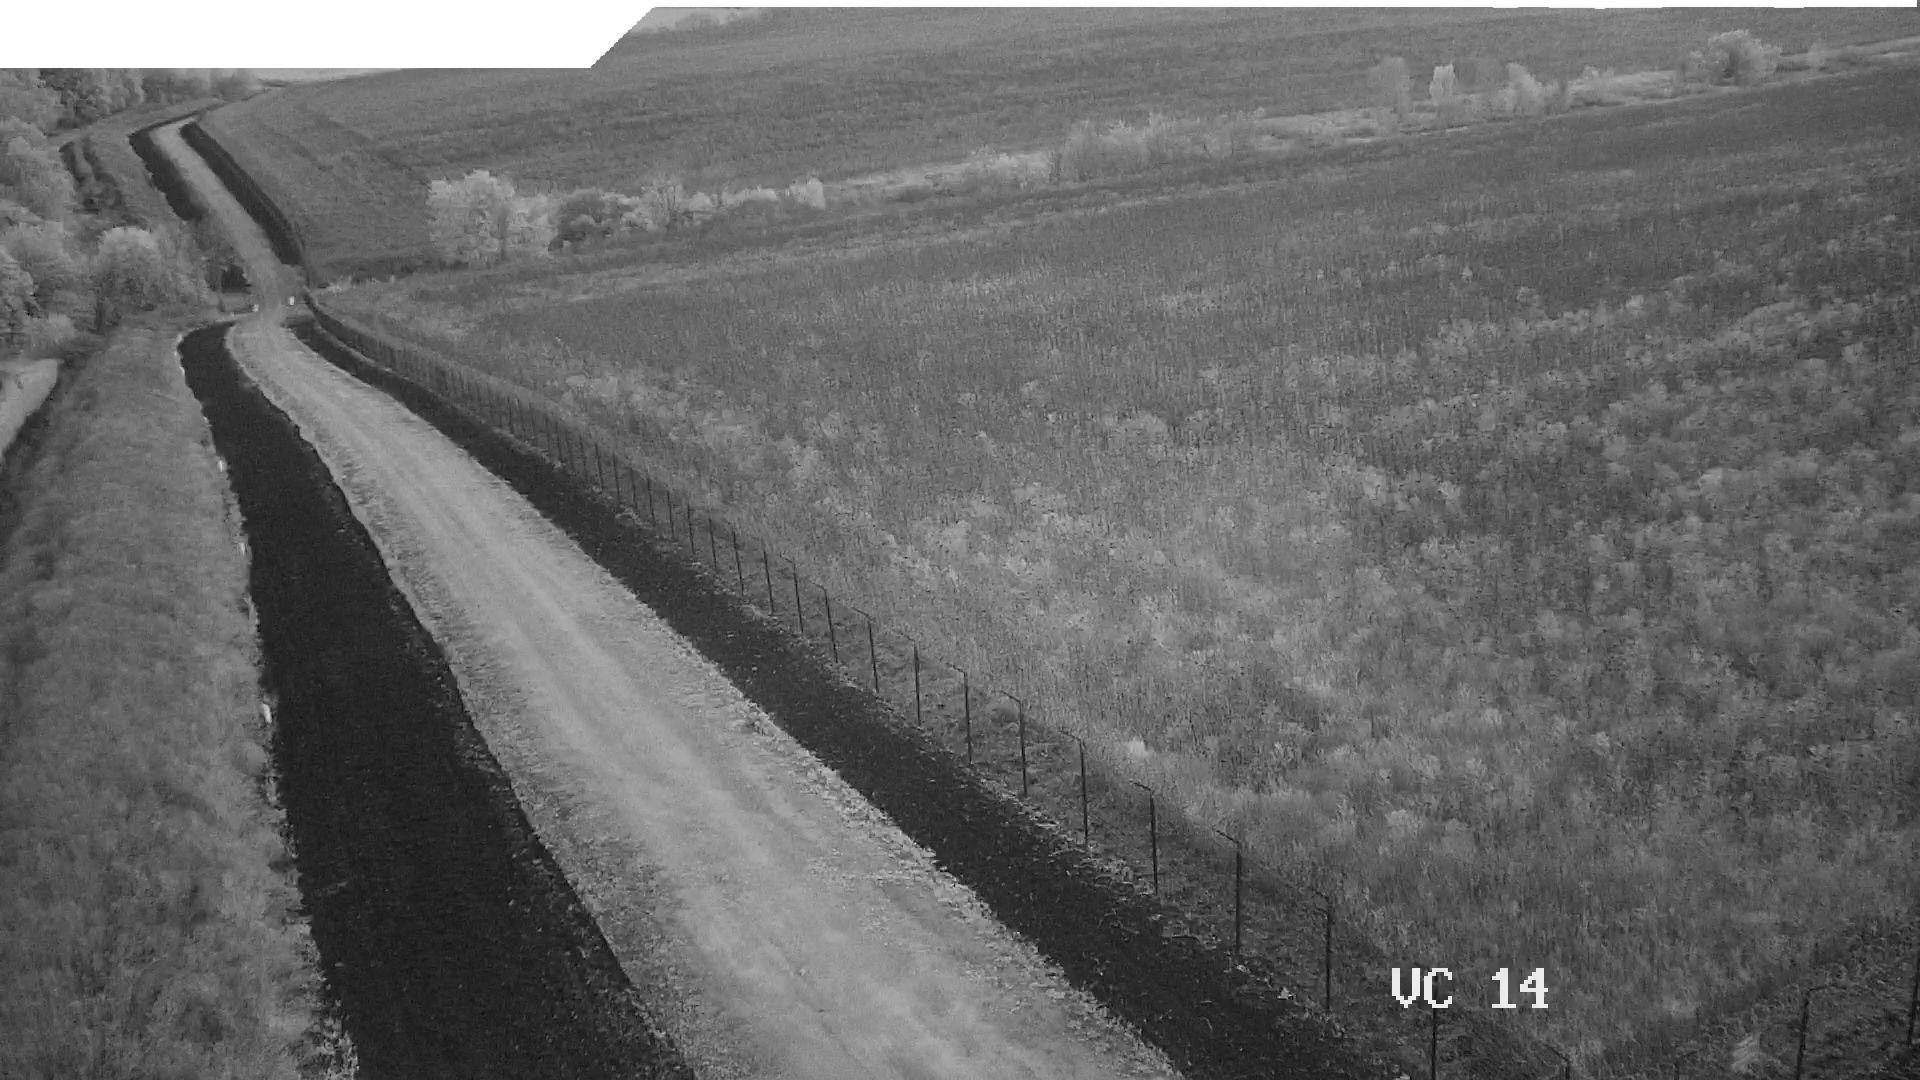 Чорно-біле зображення в сутінках системою відеоспостереження